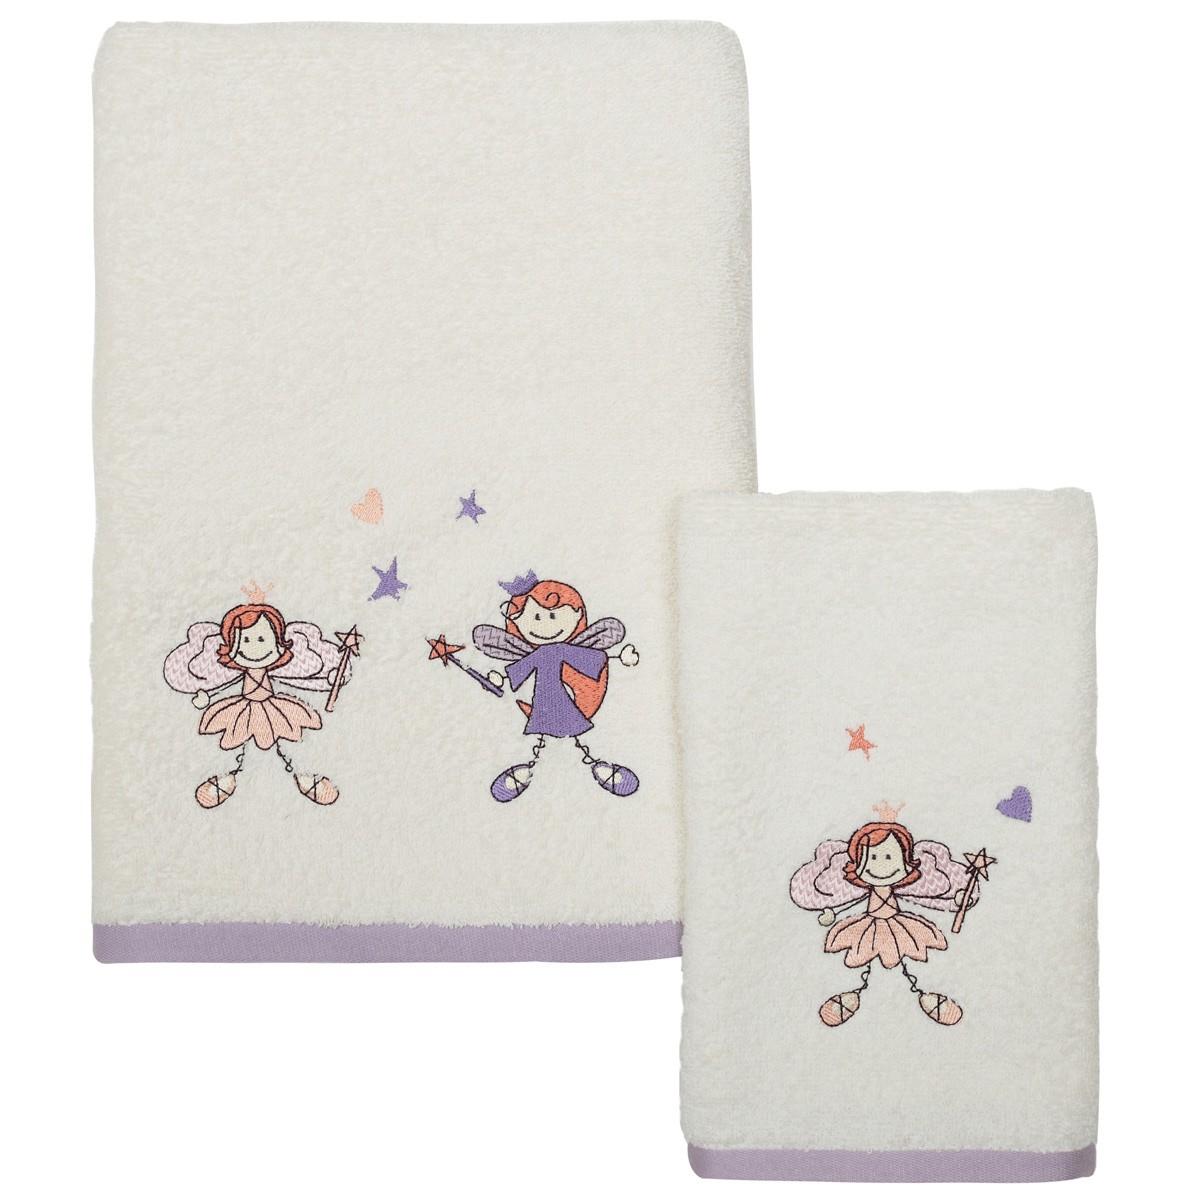 Βρεφικές Πετσέτες (Σετ 2τμχ) Das Home Fun Embroidery 6424